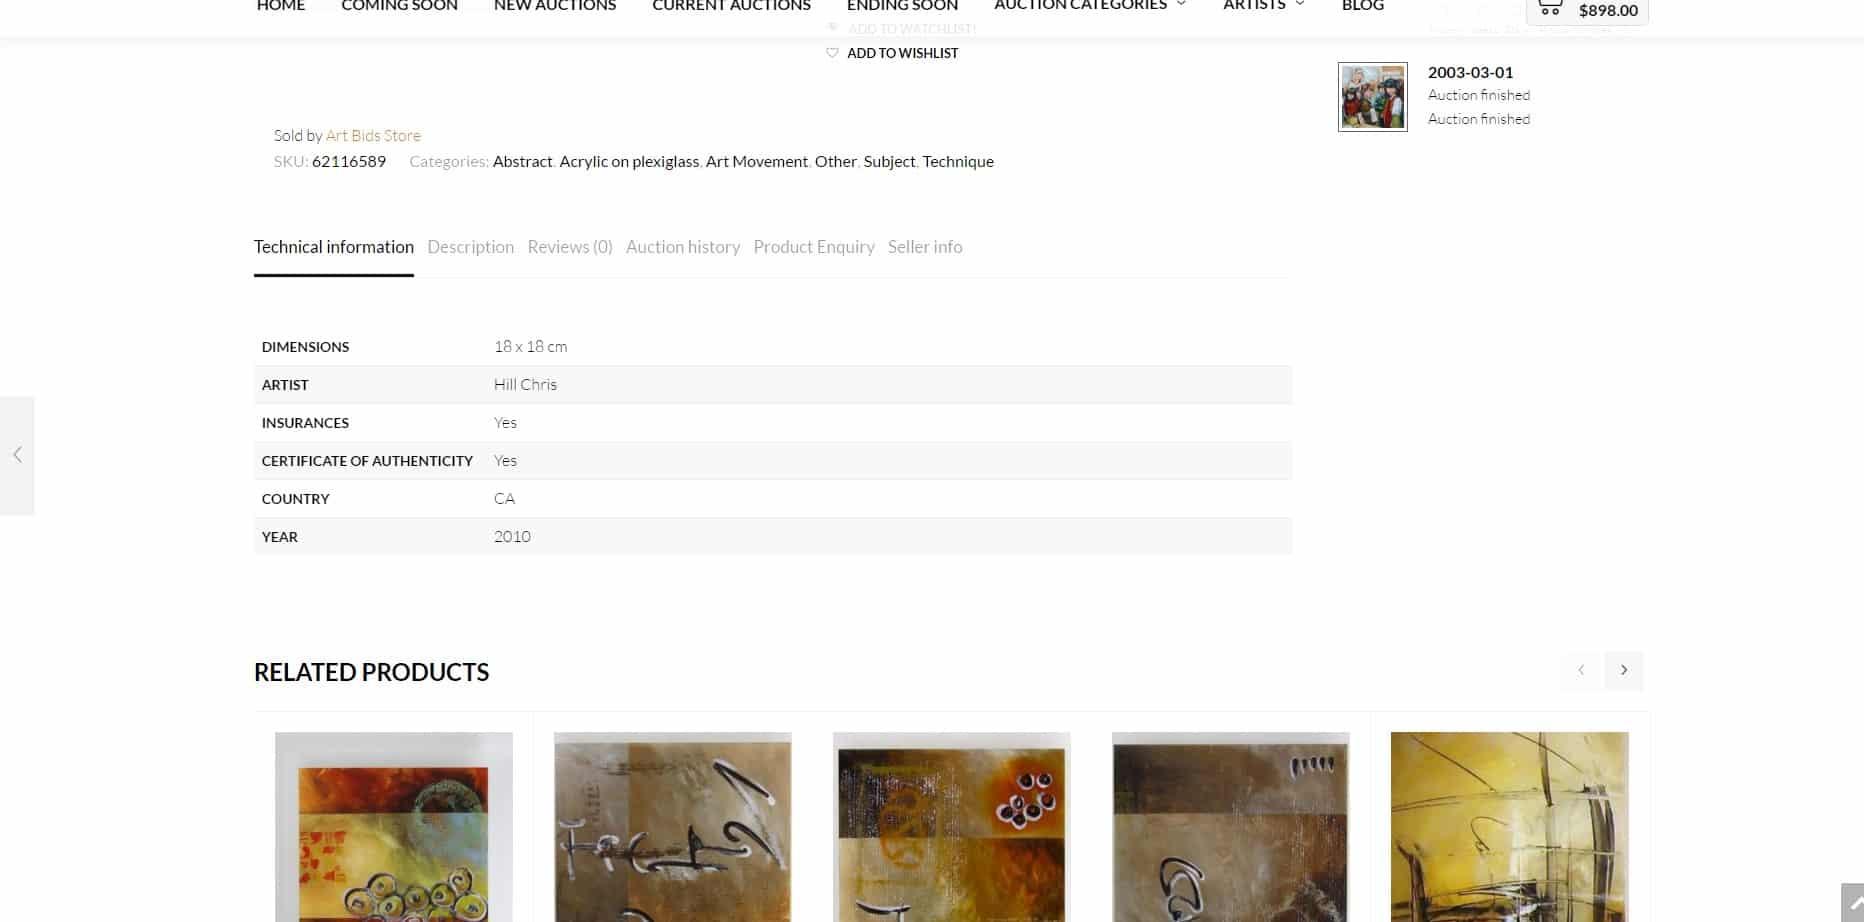 conception-web-pour-artbids-club-7